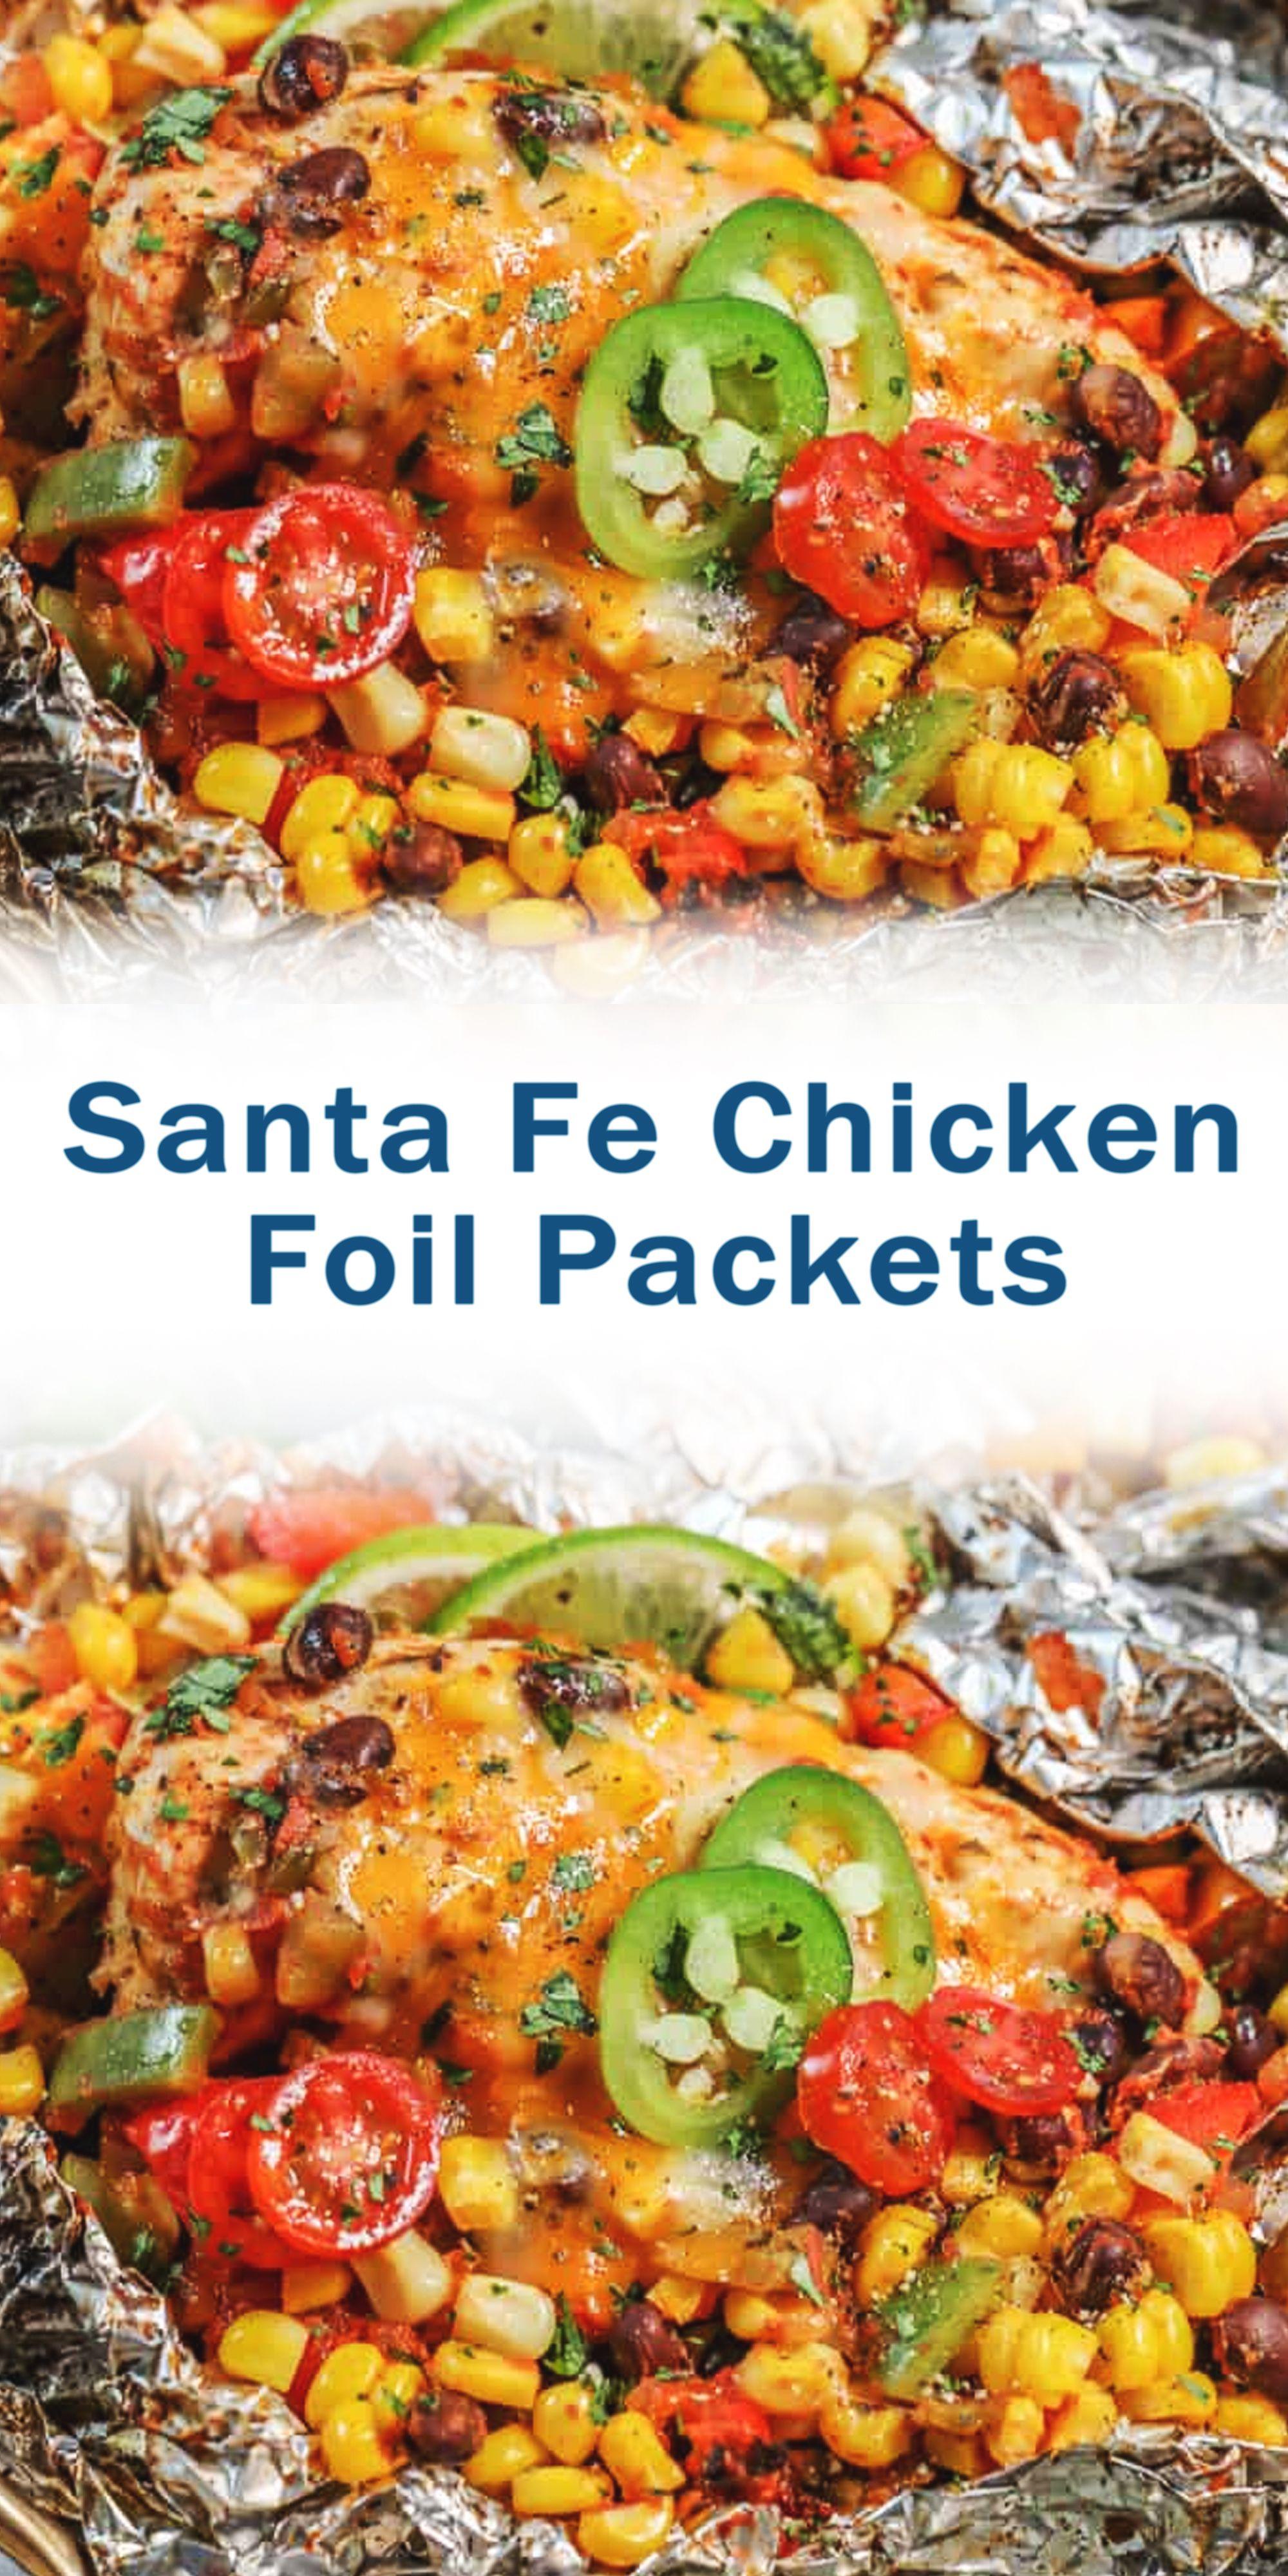 Santa Fe Chicken Foil Packets In 2020 Chicken Recipes Healthy Chicken Recipes Easy Chicken Recipes